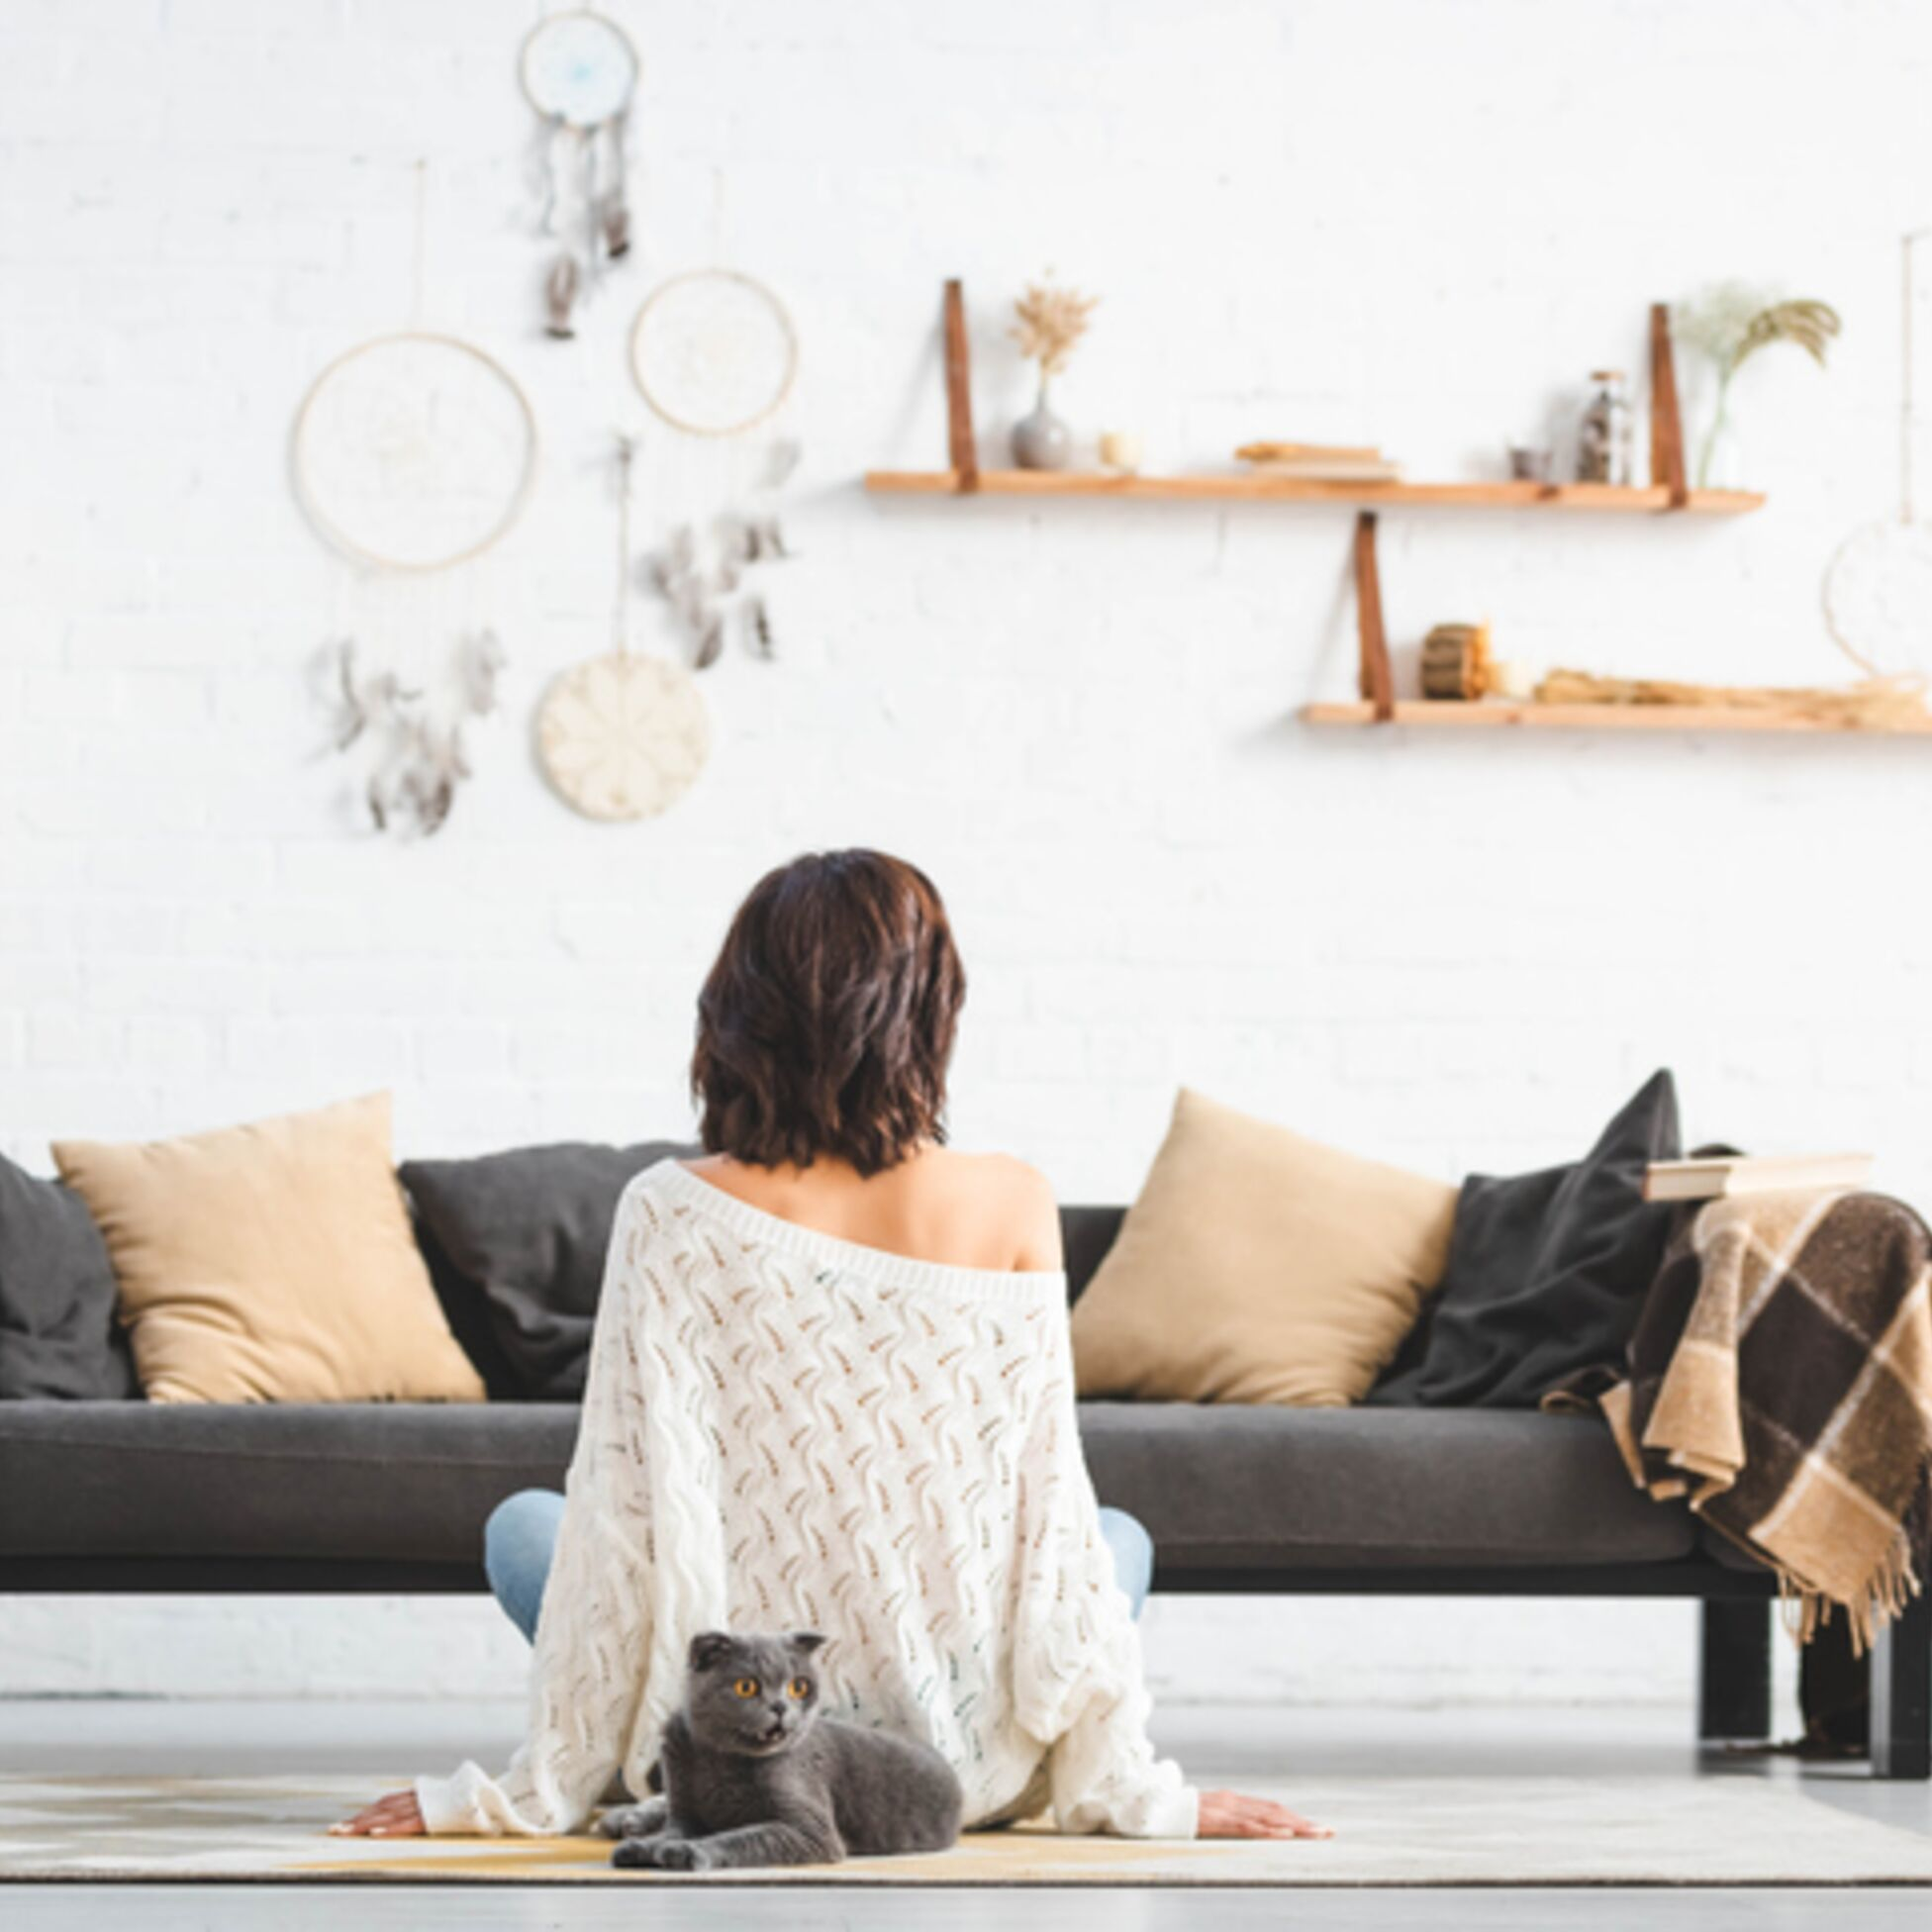 Frau sitzt in minimalistischem Wohnzimmer